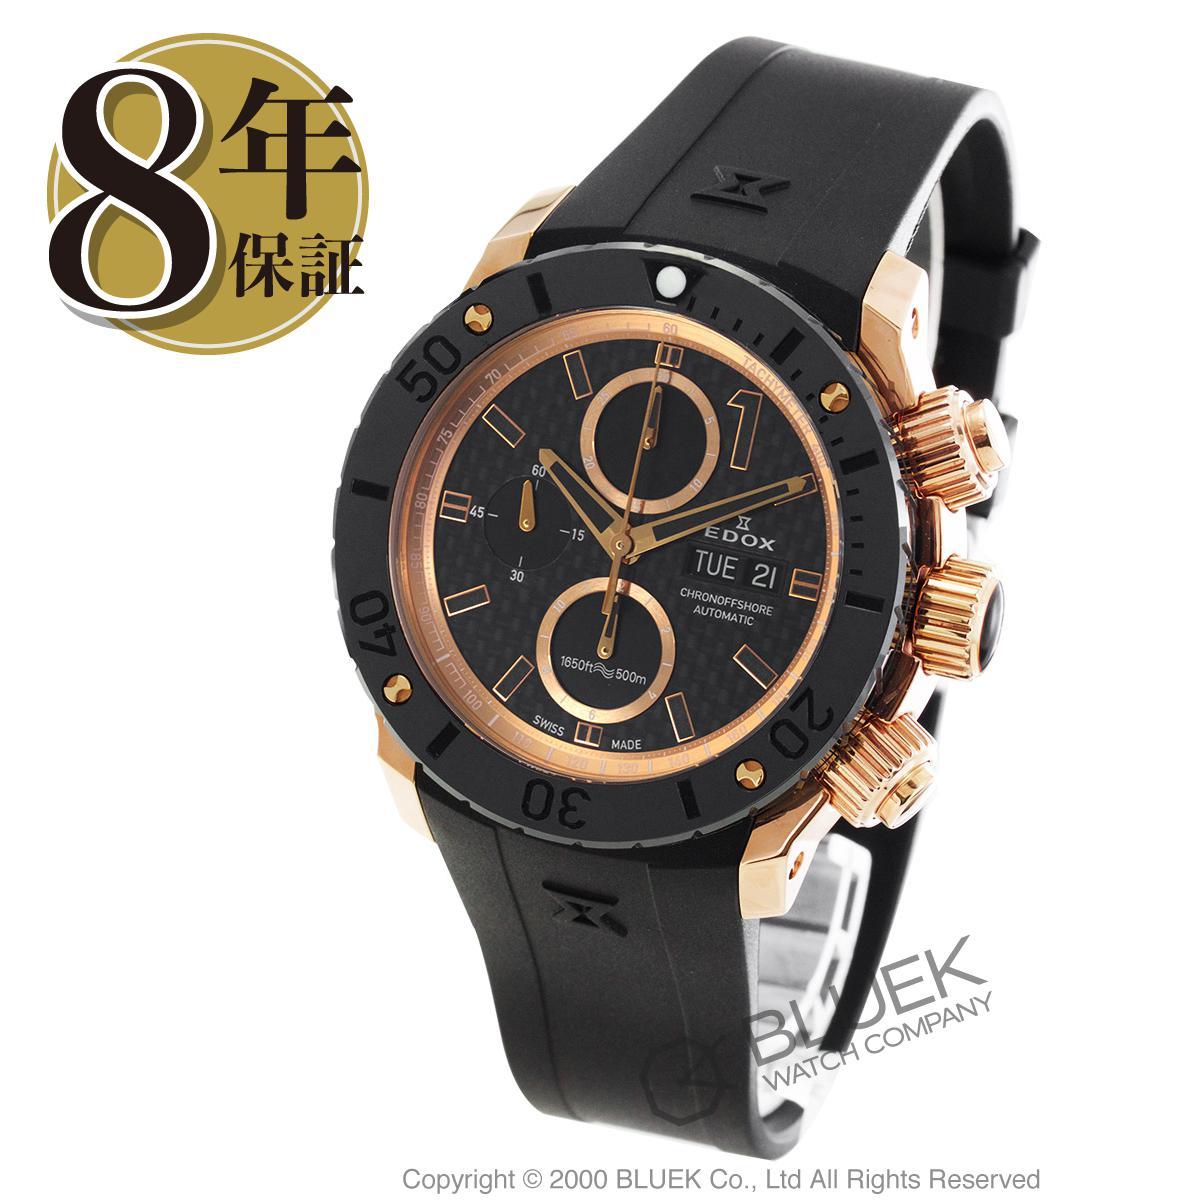 エドックス クロノオフショア1 クロノグラフ 500m防水 腕時計 メンズ EDOX 01114-37R-NIR4_8